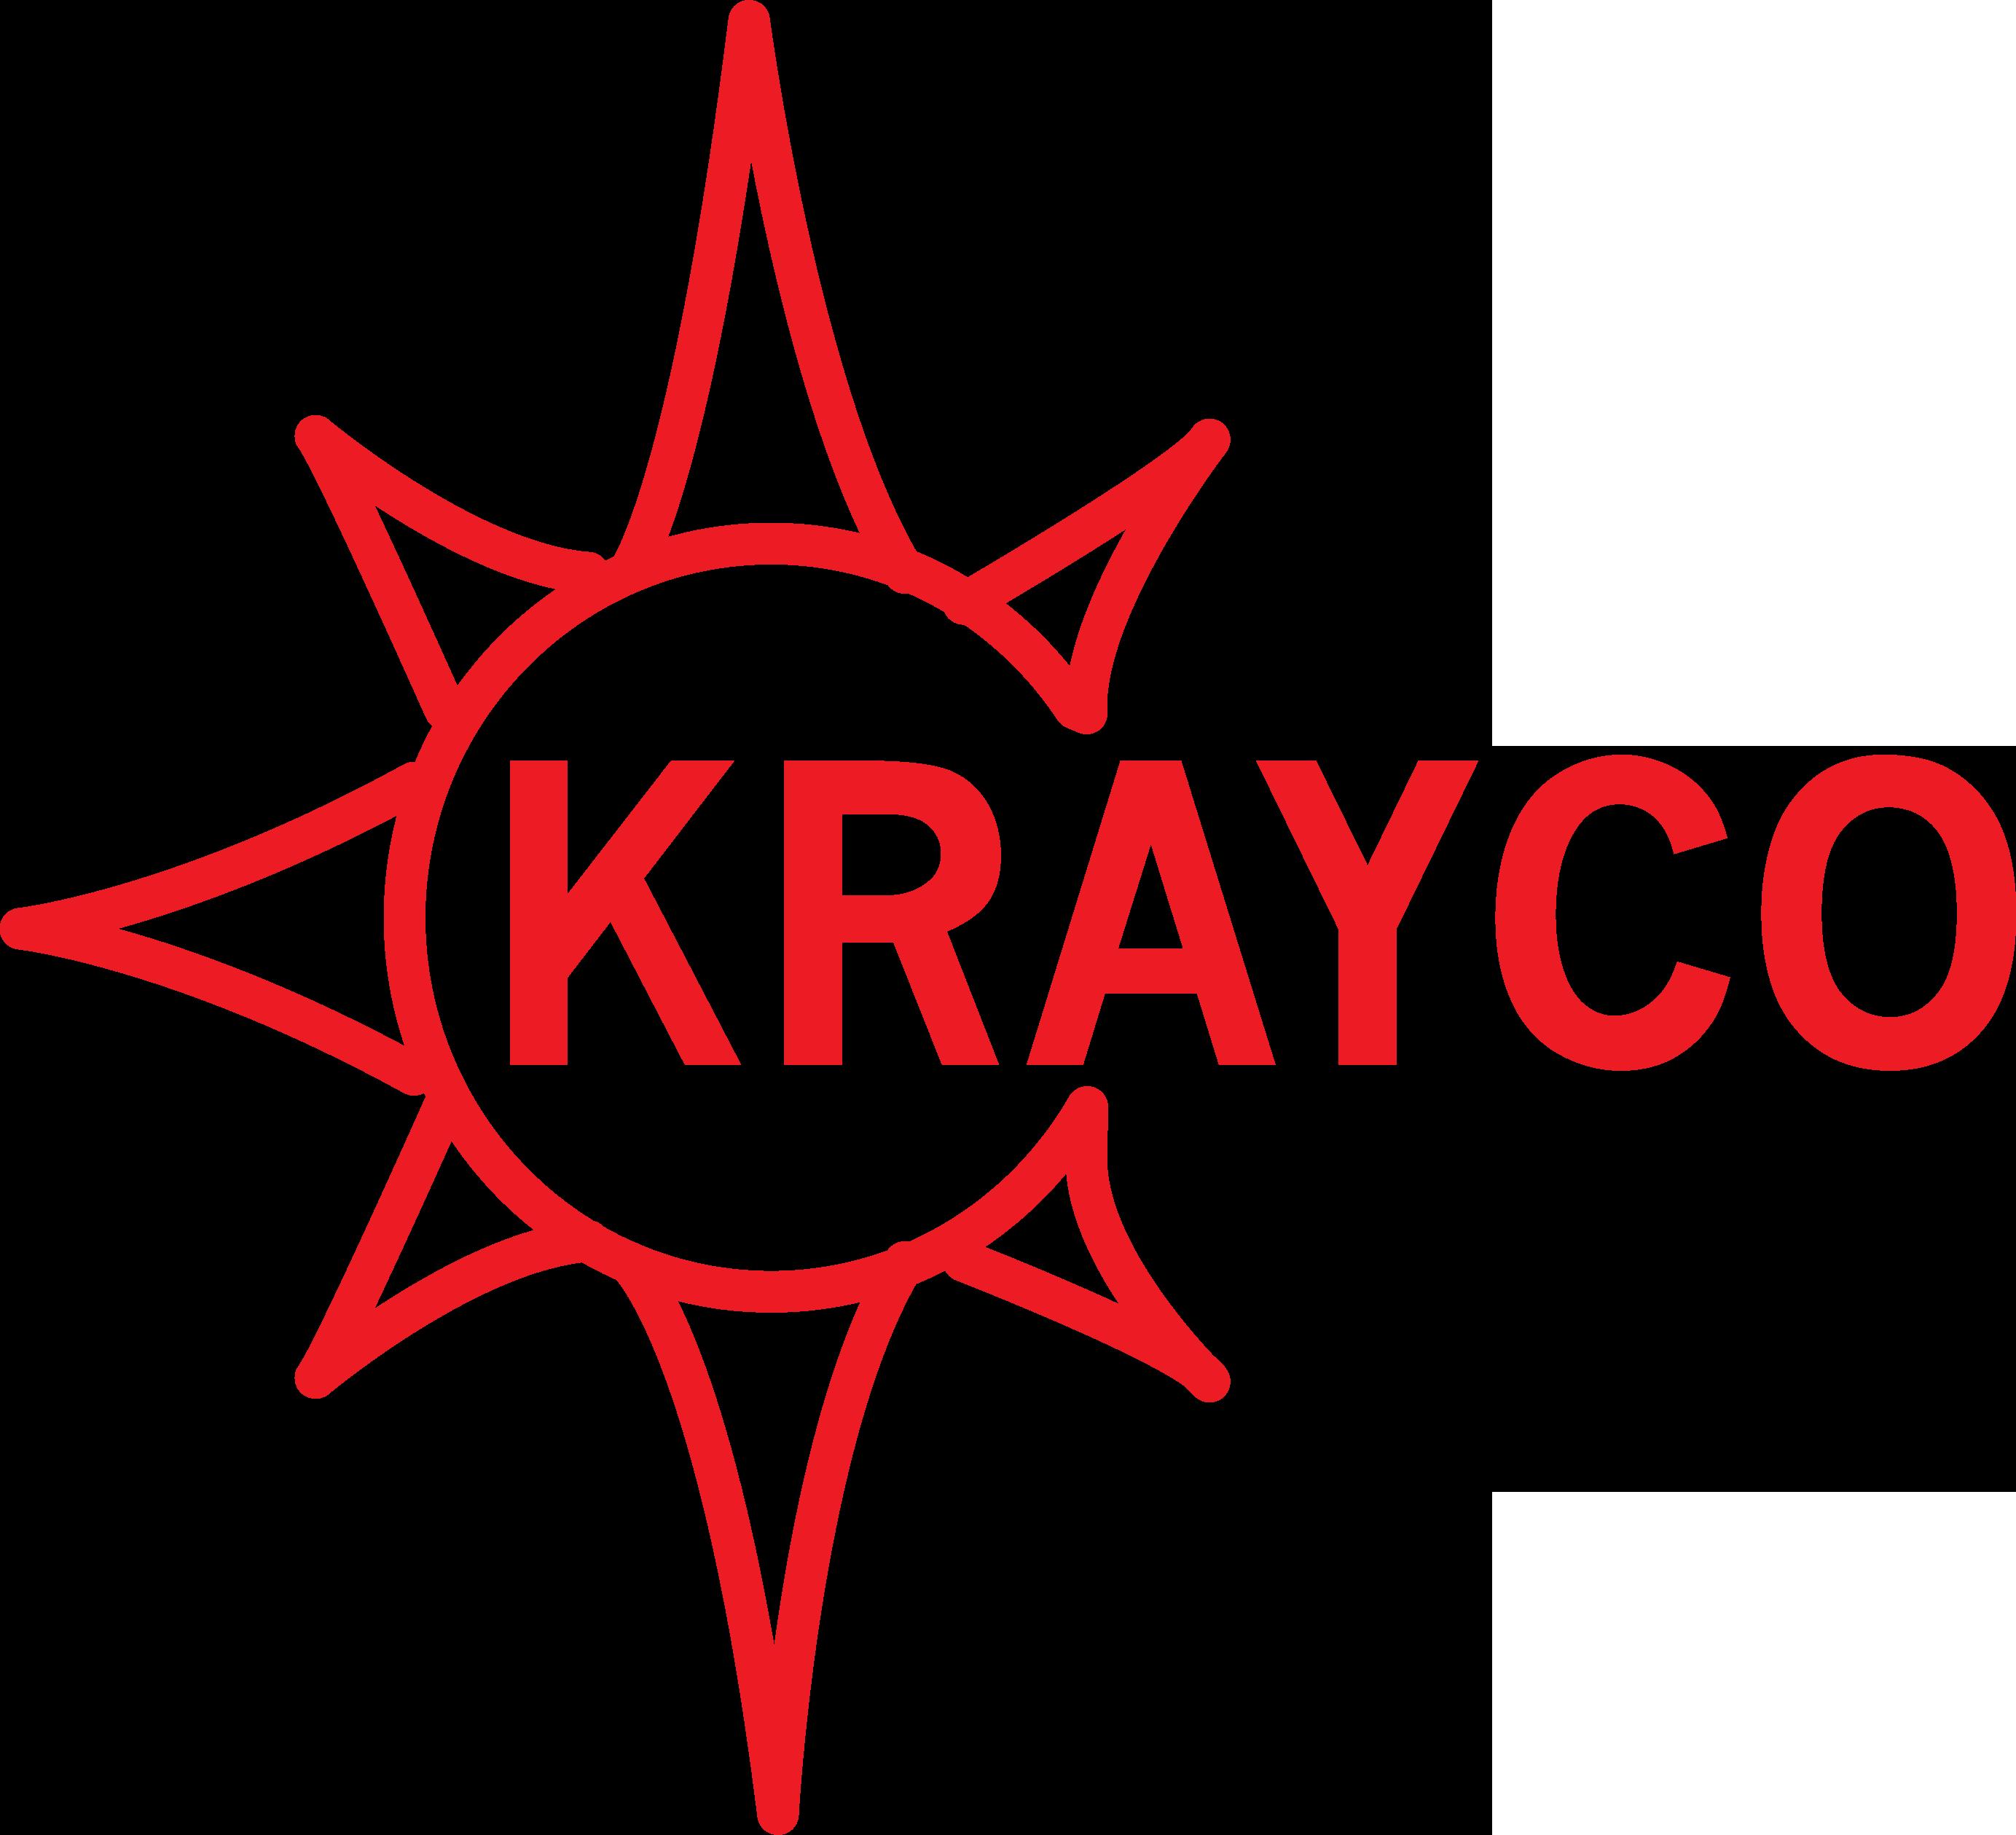 Krayco Window Treatments